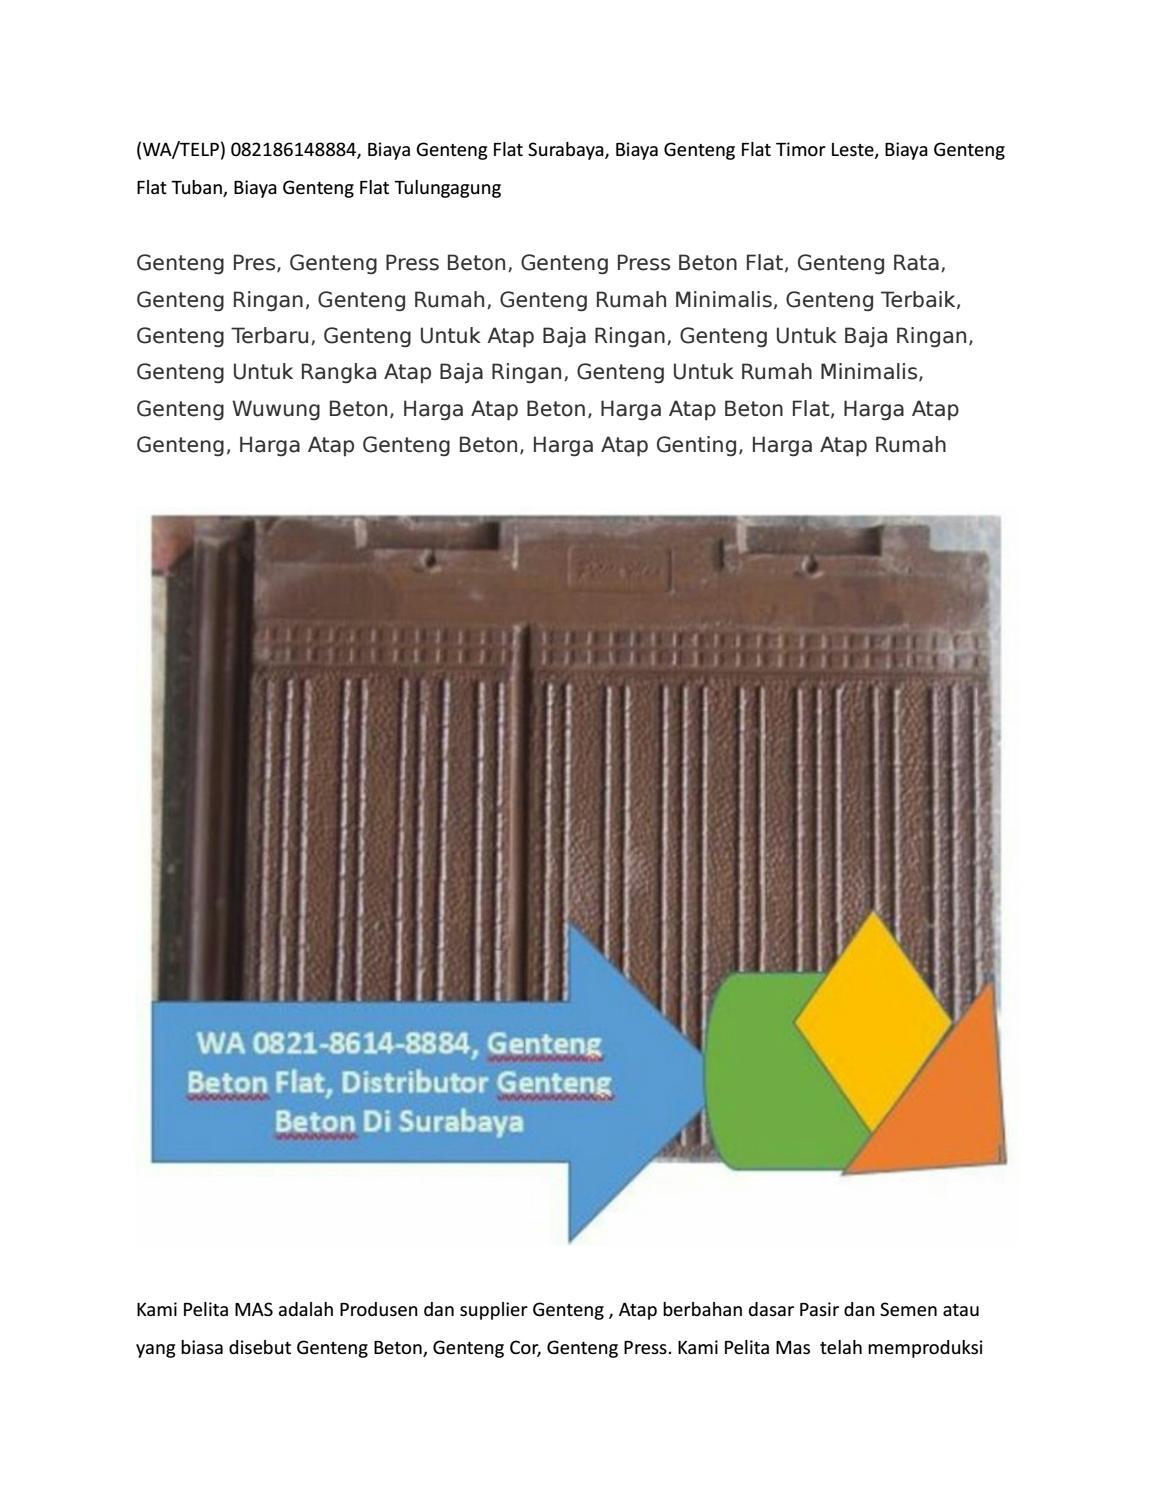 biaya baja ringan dan genteng wa telp 082186148884 daftar harga beton polos bali